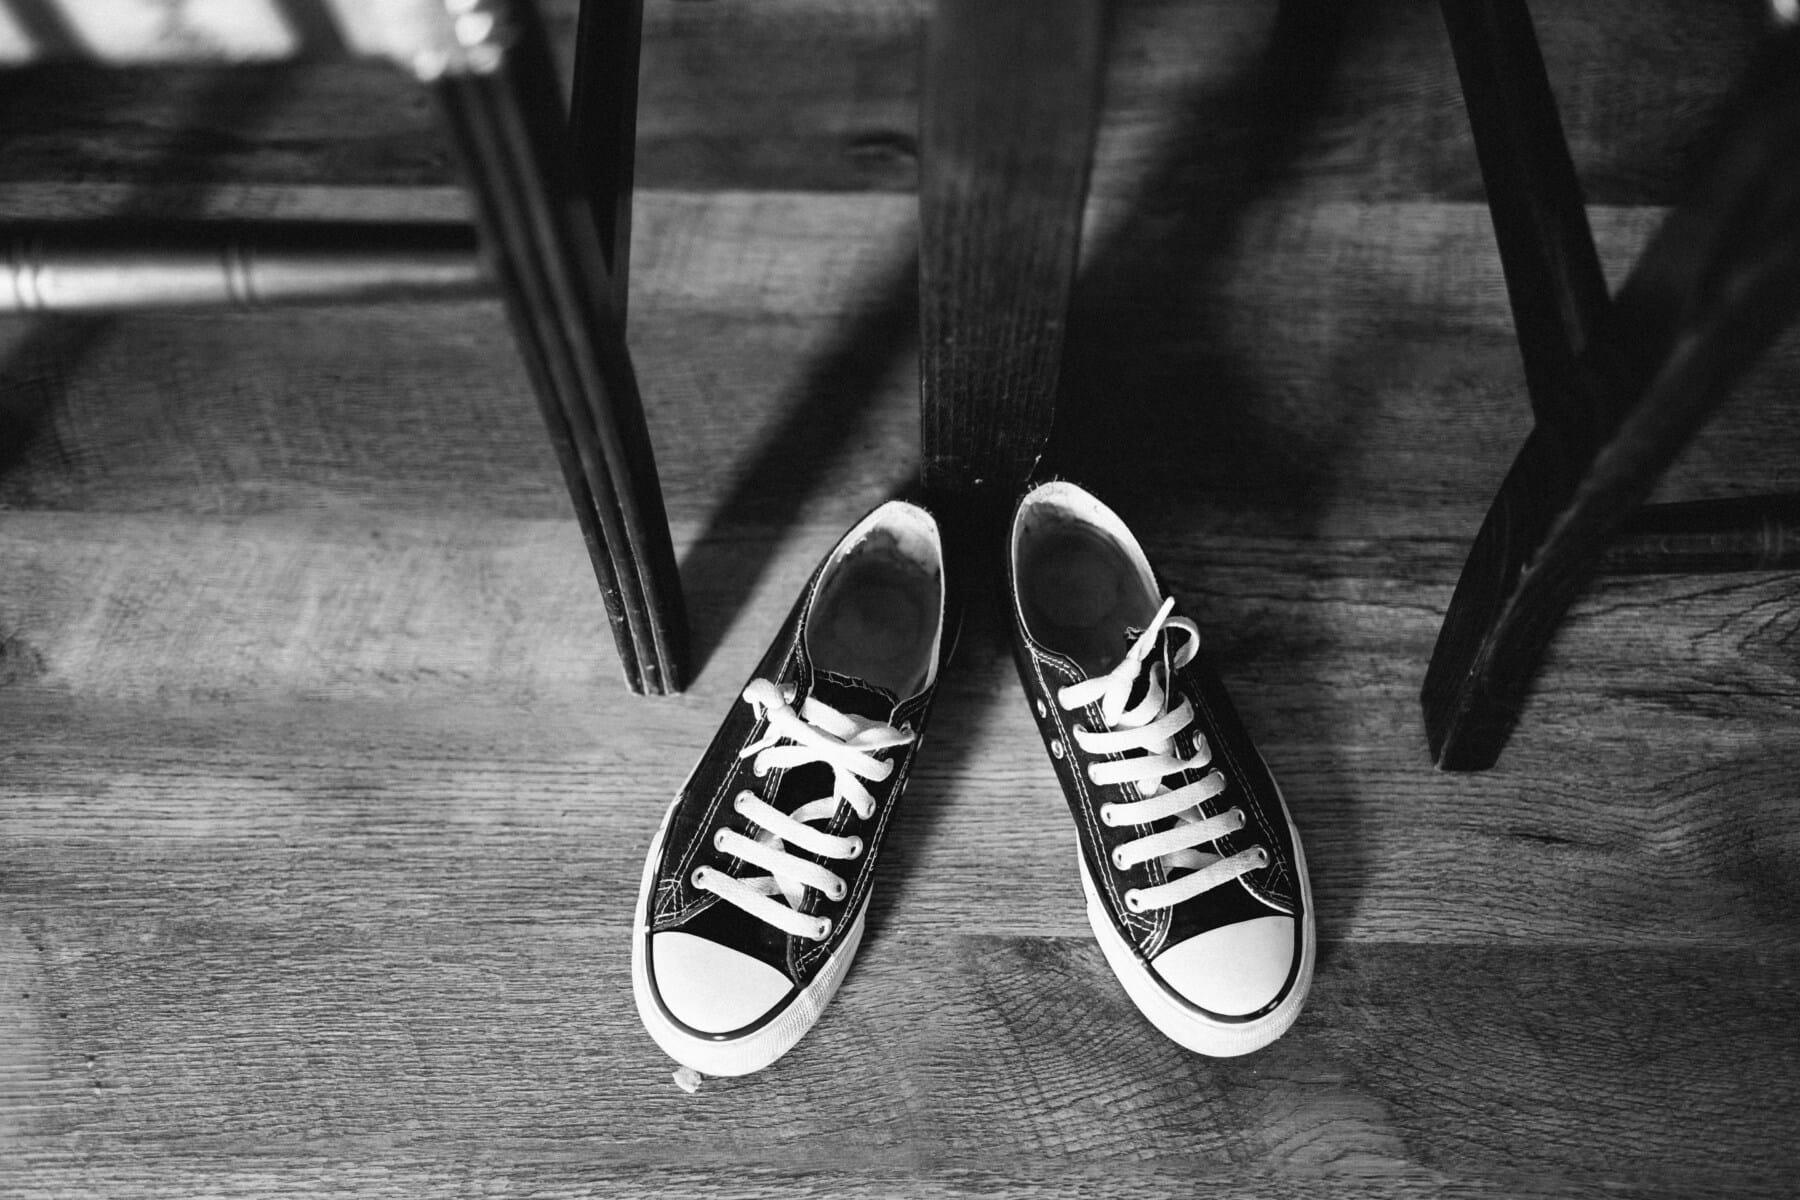 clásico, estilo antiguo, vendimia, antigua, zapatillas de deporte, caucho, blanco y negro, piso, parquet, monocromo